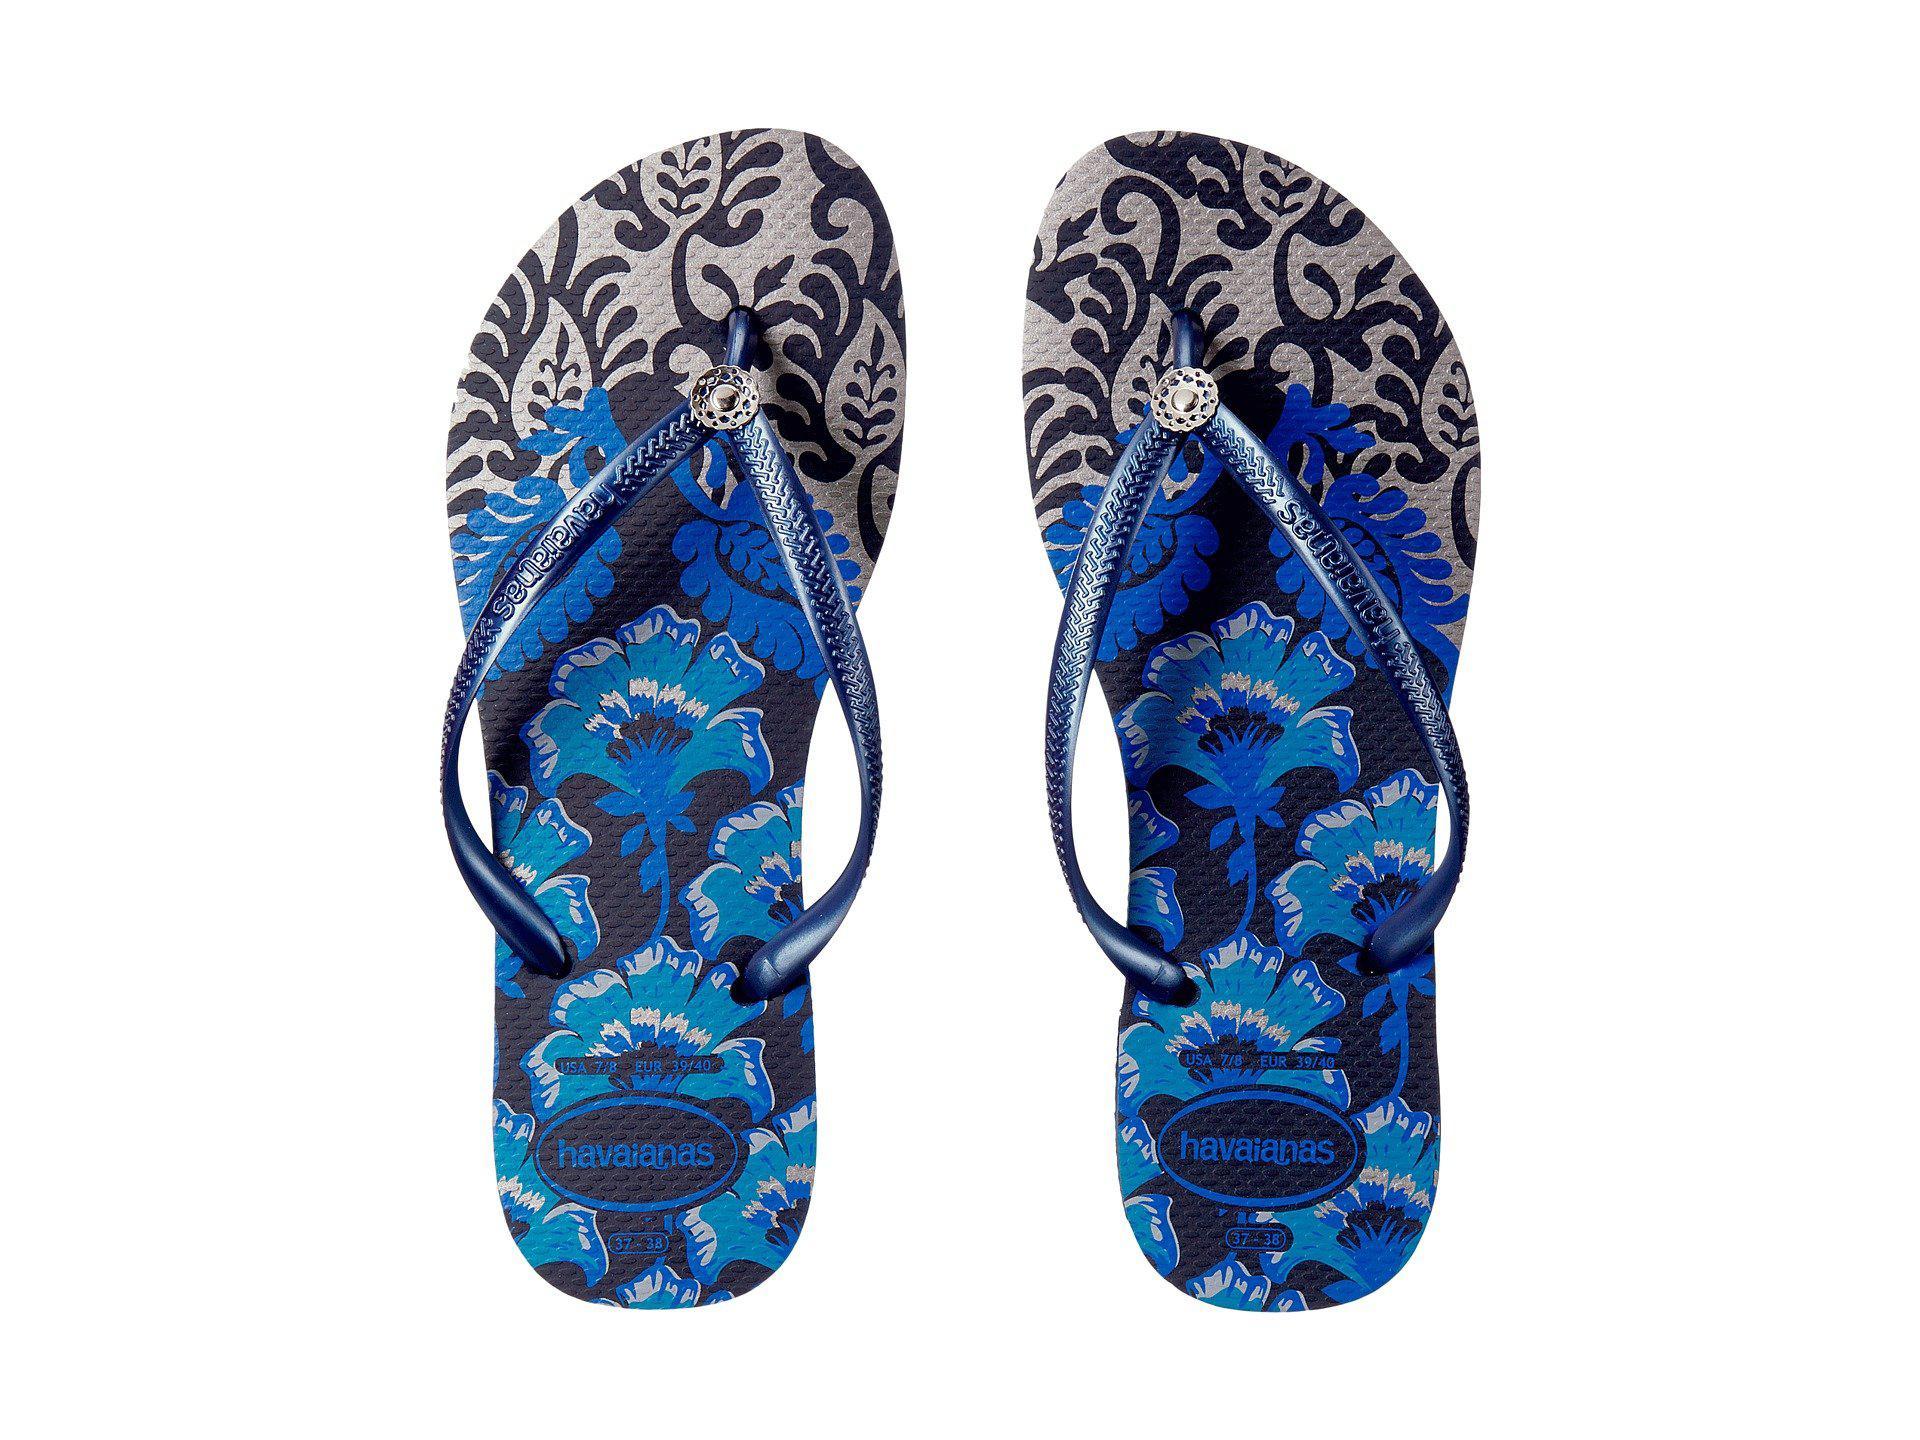 73a66dd00445dd Lyst - Havaianas Slim Royal Flip Flops in Blue - Save 31%